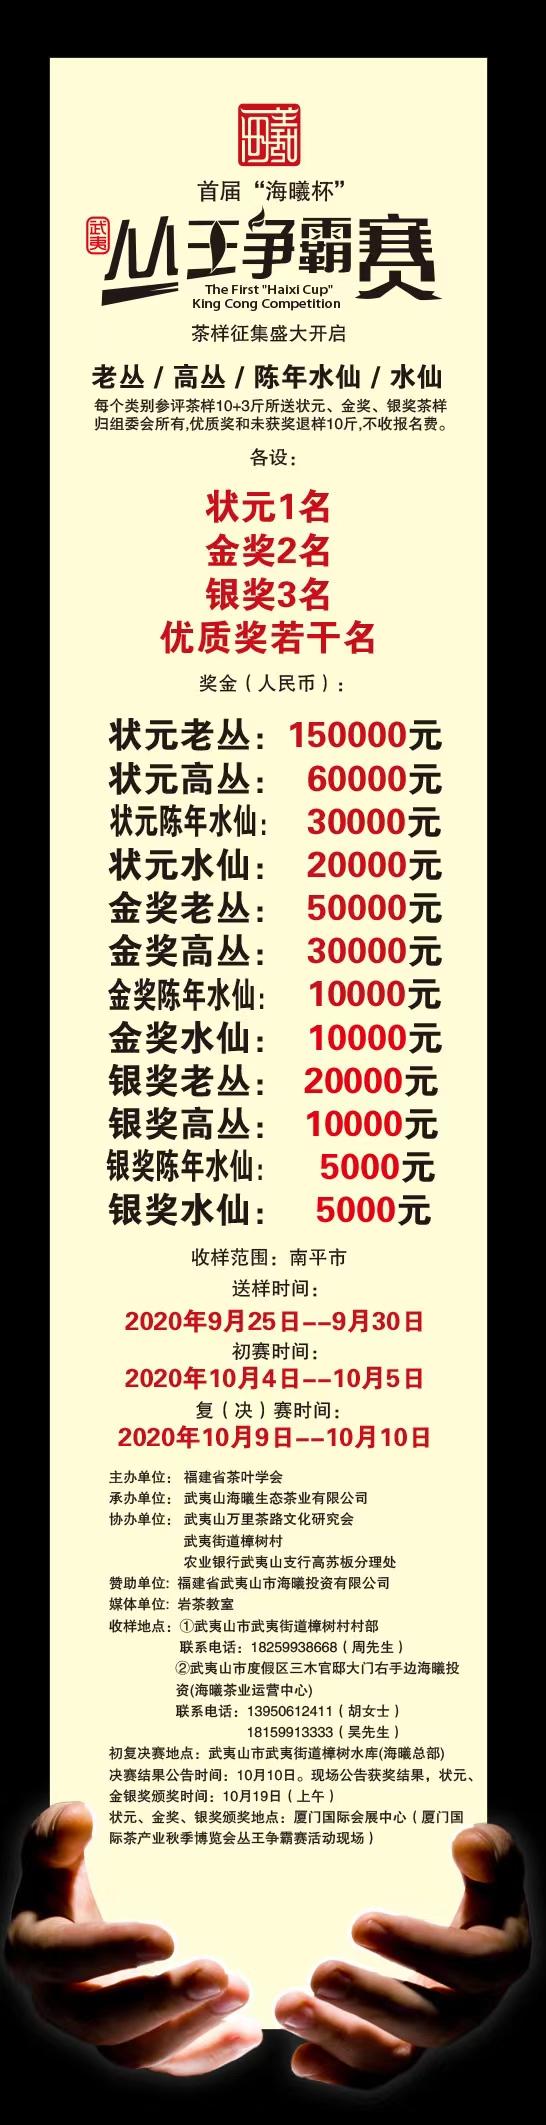 """《【摩登2登陆地址】首届 """"海曦杯""""武夷水仙丛王争霸赛 征样开始啦!》"""